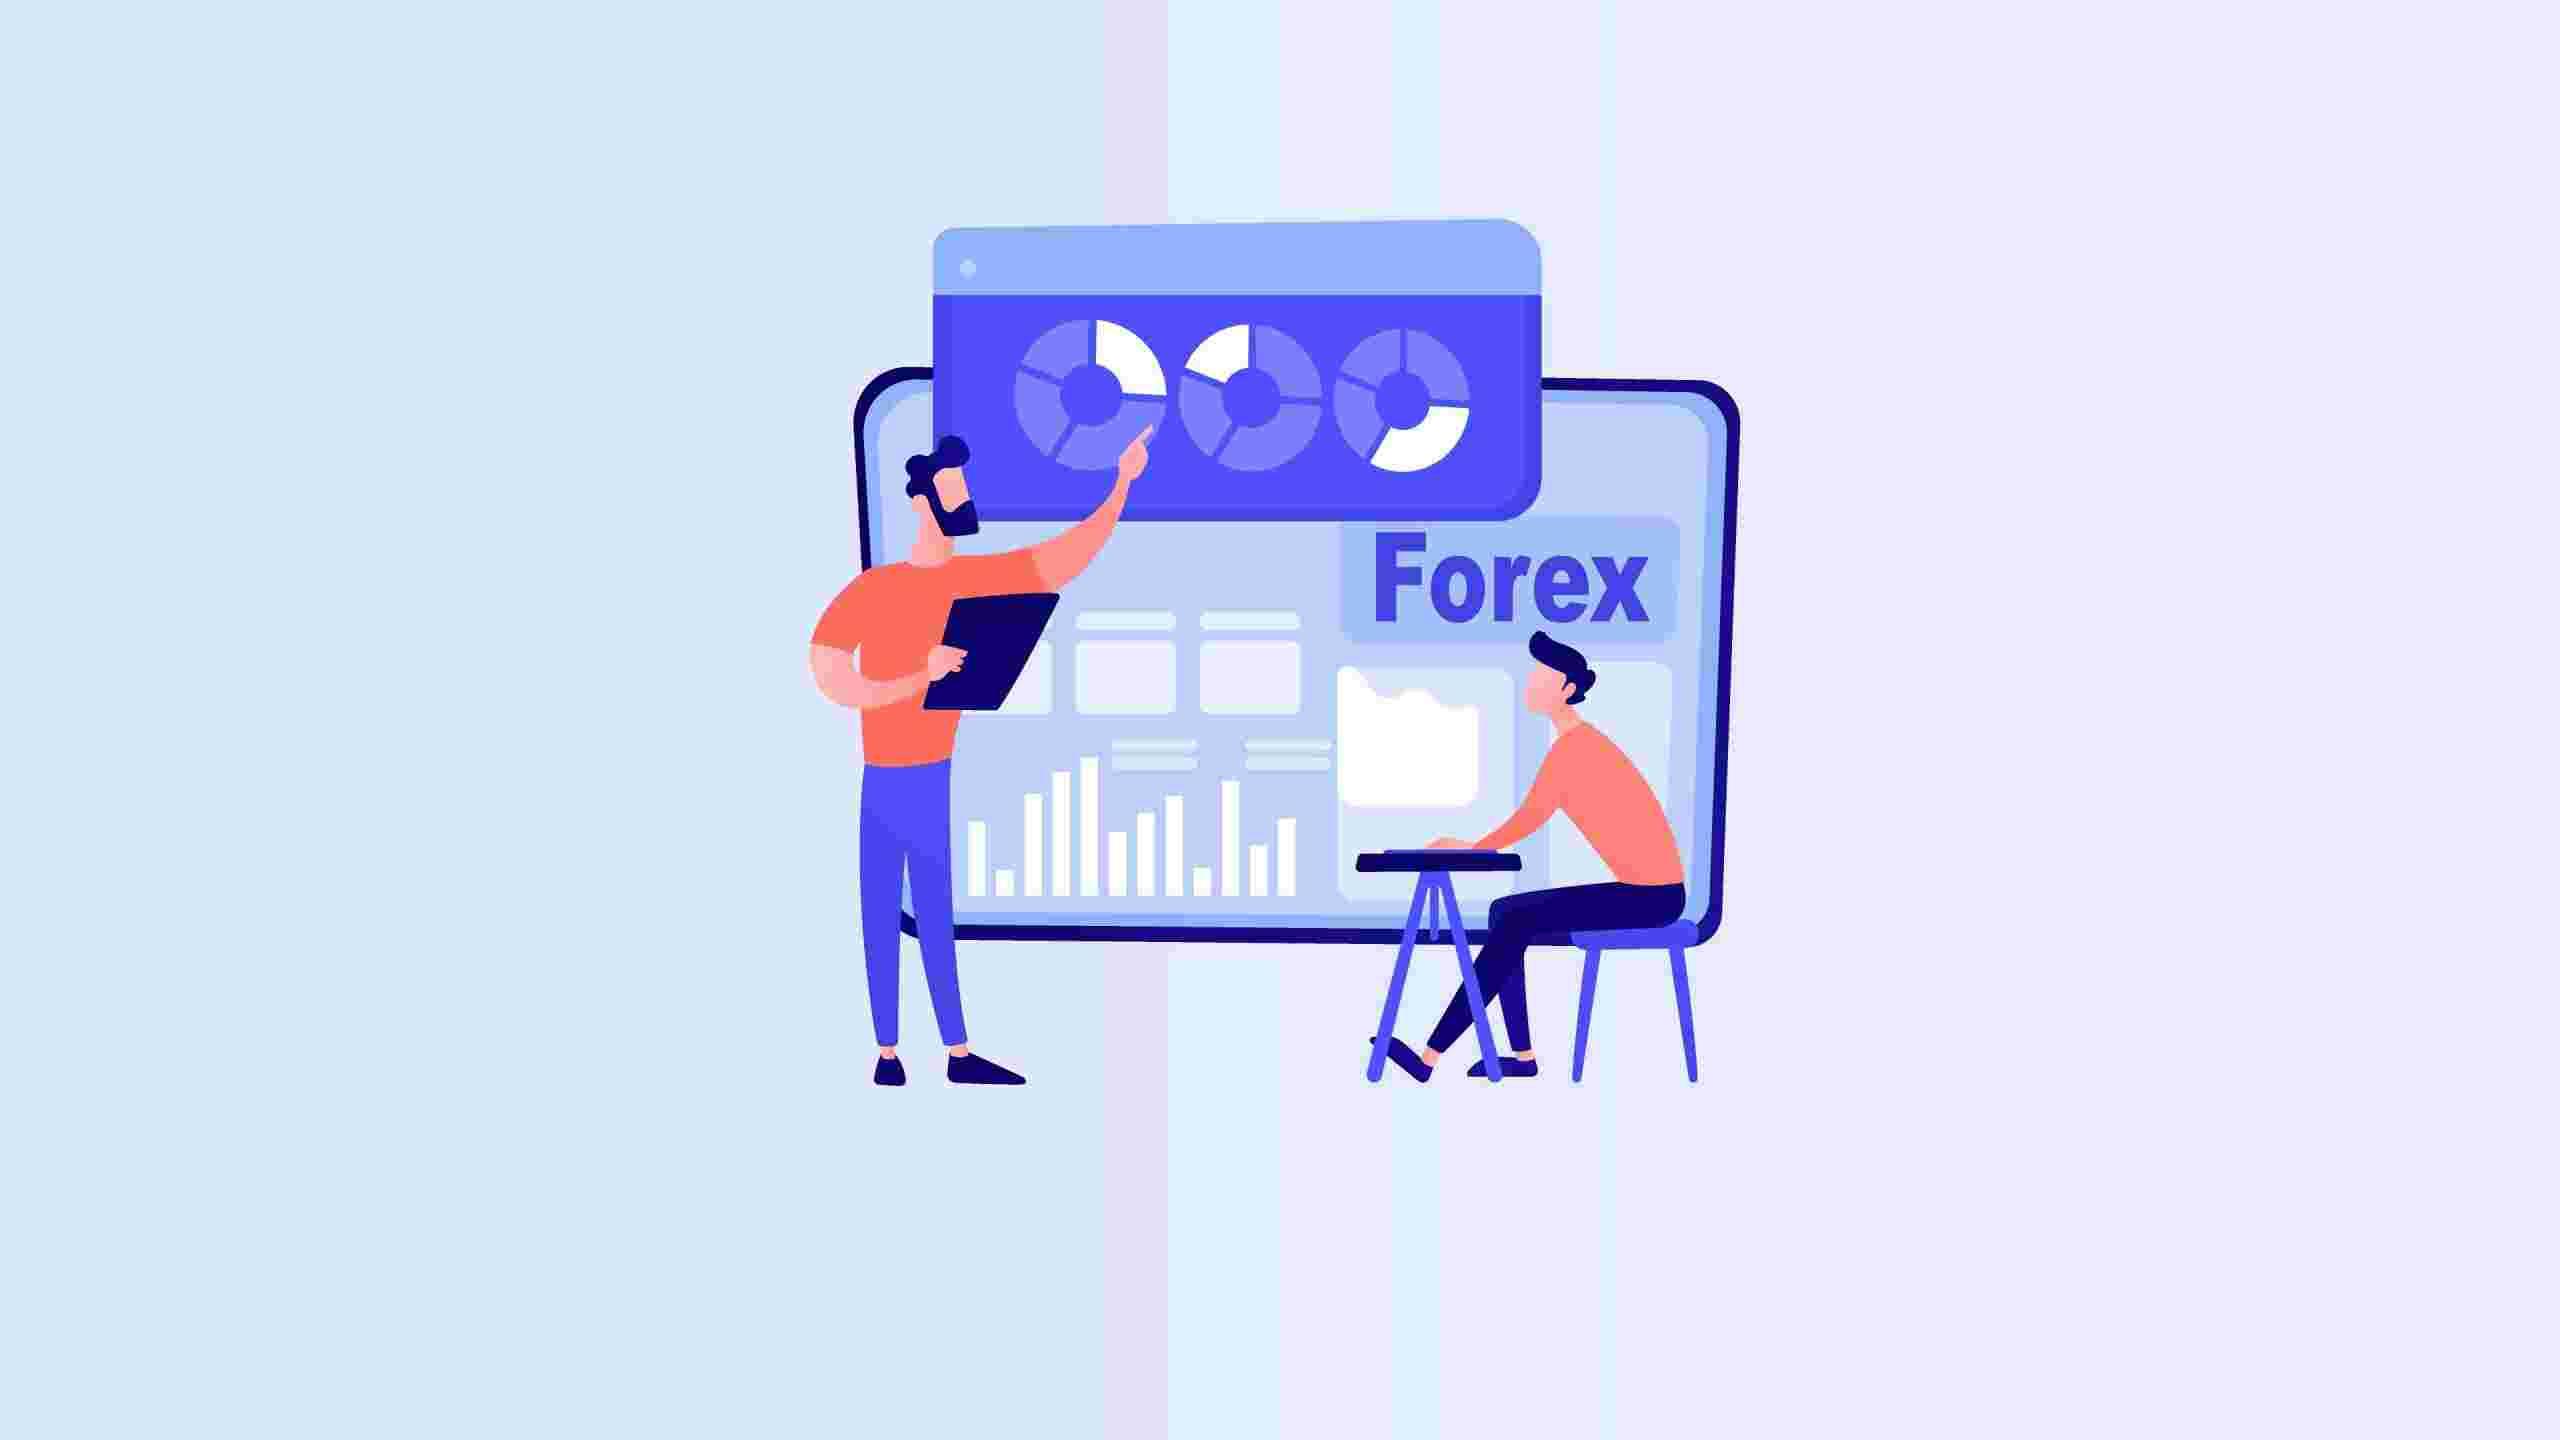 دوره جامع آموزش فارکس ، مادر بازارهای مالی – مقدماتی تا پیشرفته